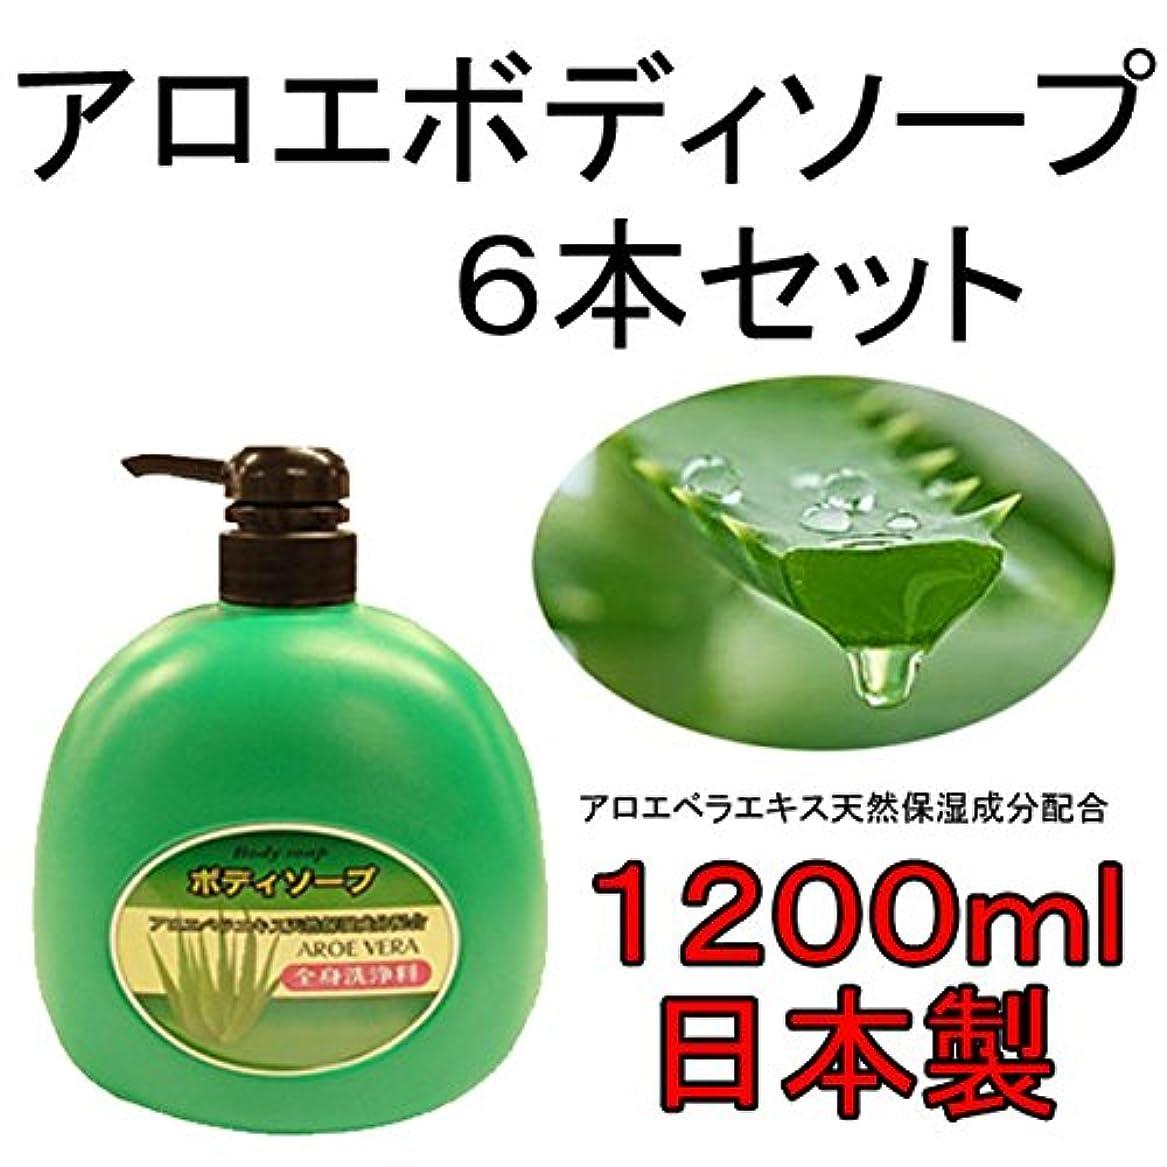 予感重要な腹高級アロエボディソープ6本セット アロエエキスたっぷりでお肌つるつる 国産?日本製で安心/約1年分1本1200mlの大容量でお得 液体ソープ ボディソープ ボディシャンプー 風呂用 石鹸 せっけん 全身用ソープ body soap aroe あろえ